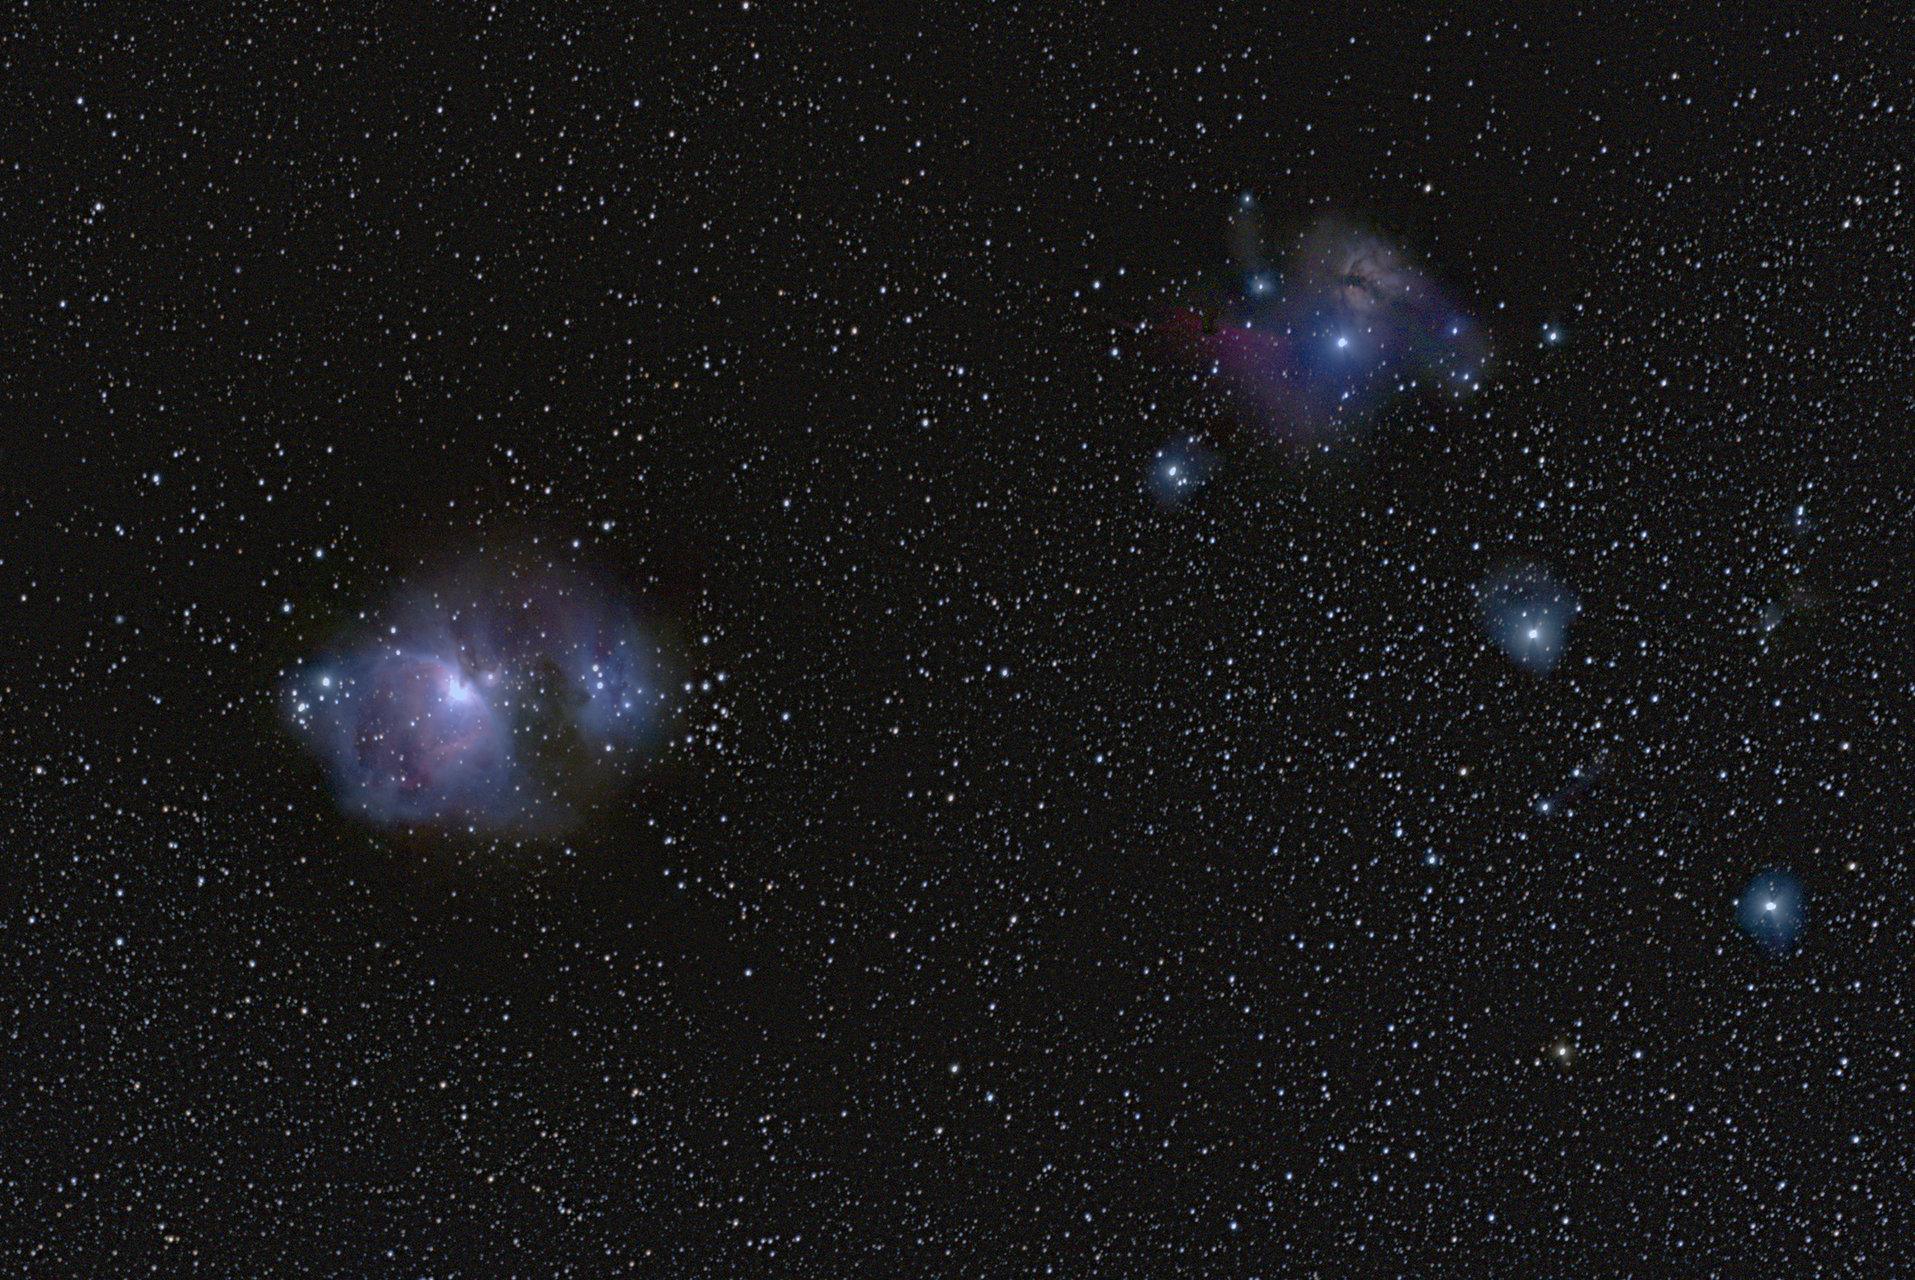 Мъглявината Орион (M42, NGC 1976) от Radoslav Sotirov - RBSotirov